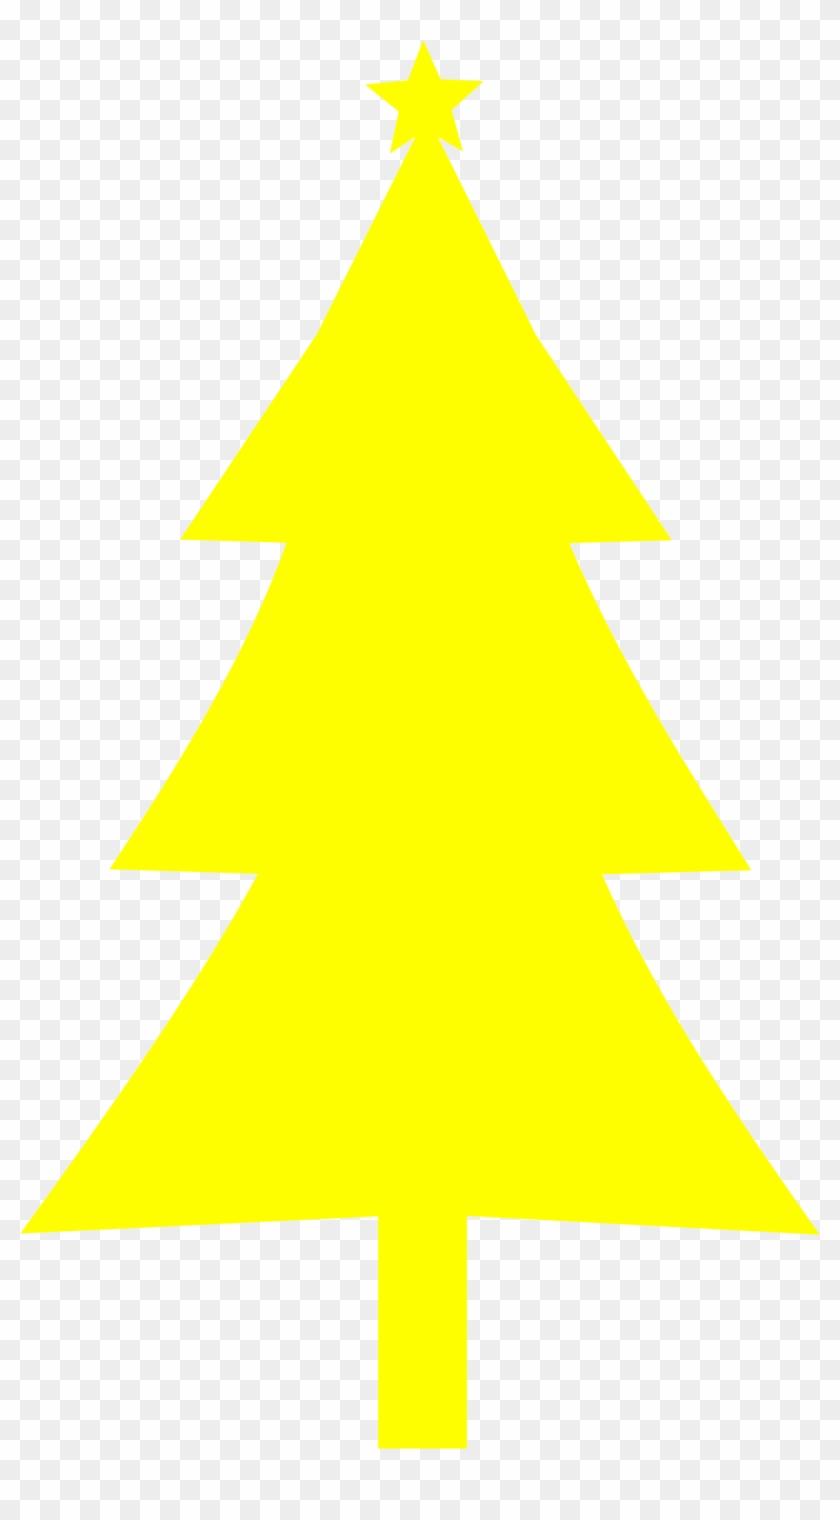 Big Image - Yellow Christmas Tree #419557